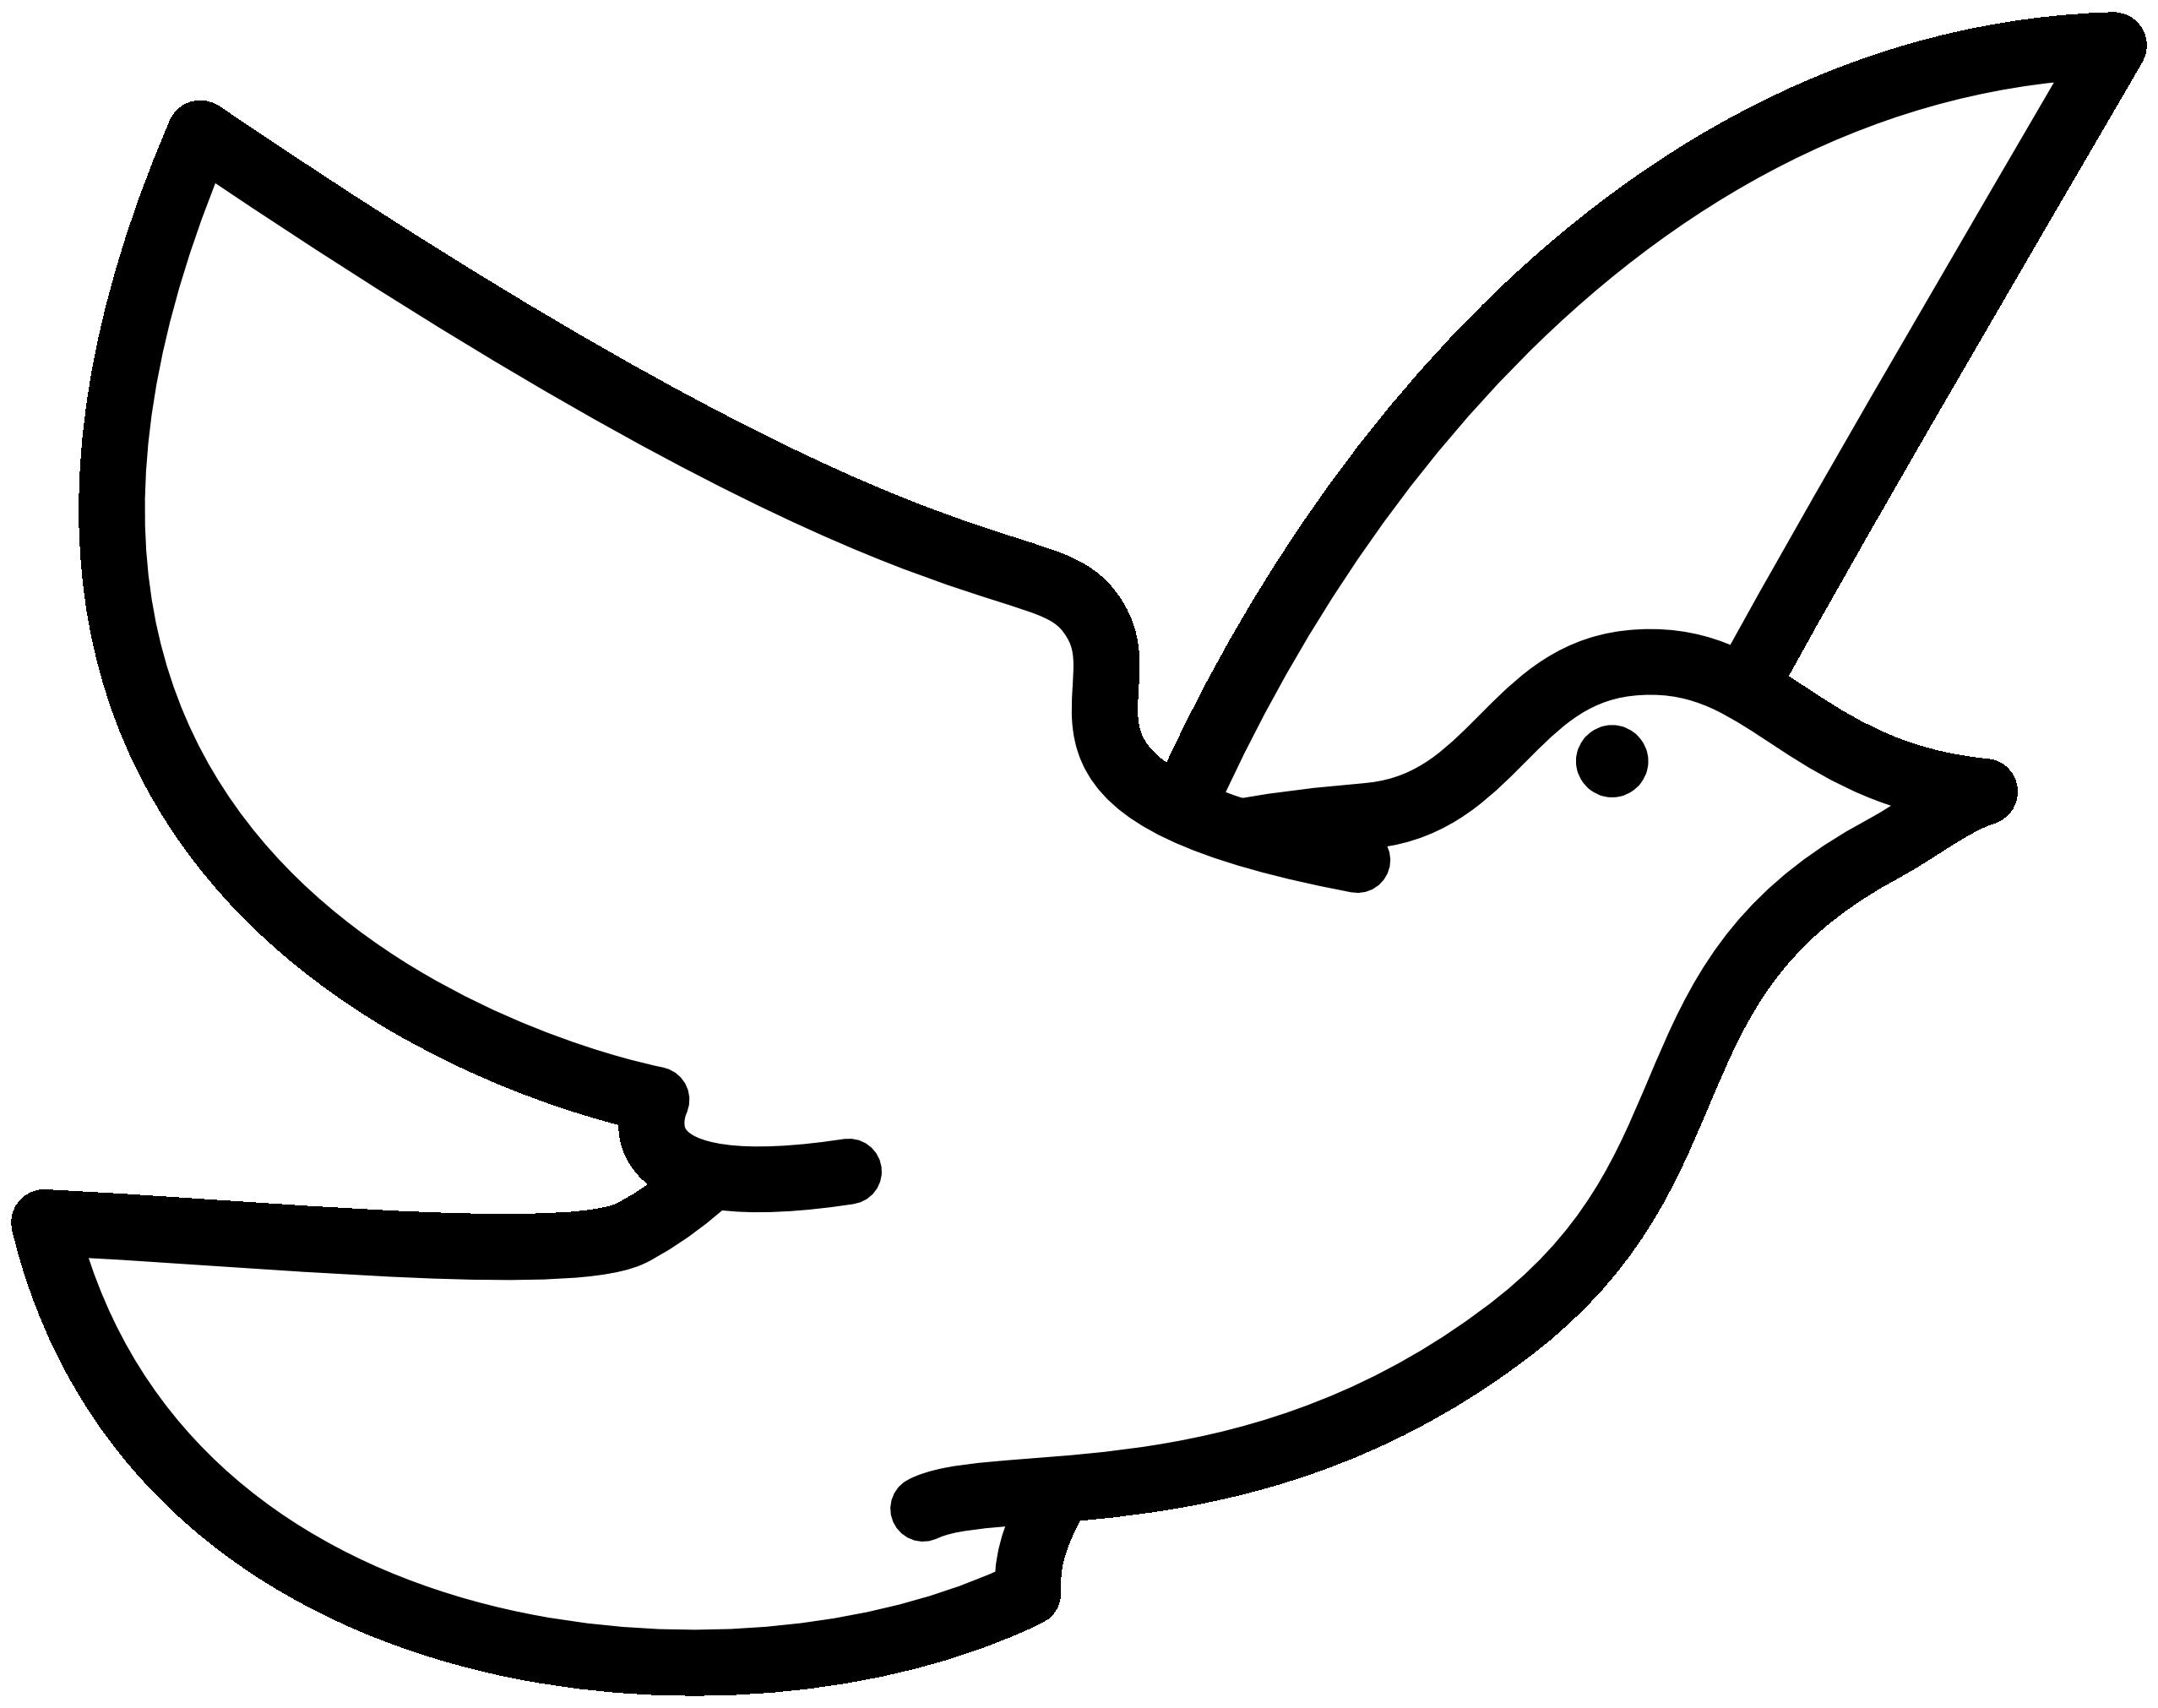 clipart turtle dove - photo #39